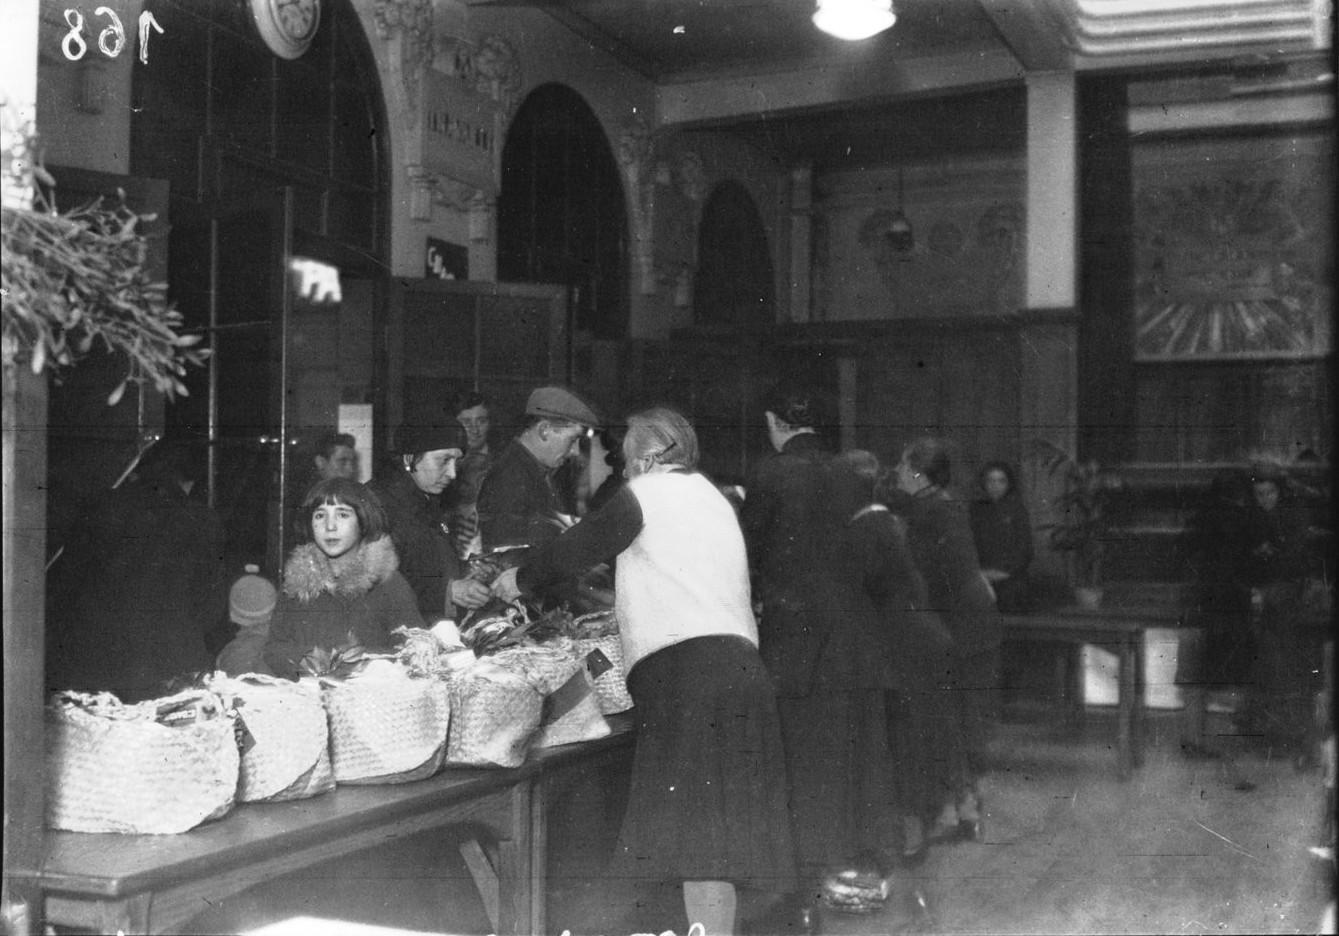 1933. Армия спасения. Рождественские корзины для распределения многодетным семьям